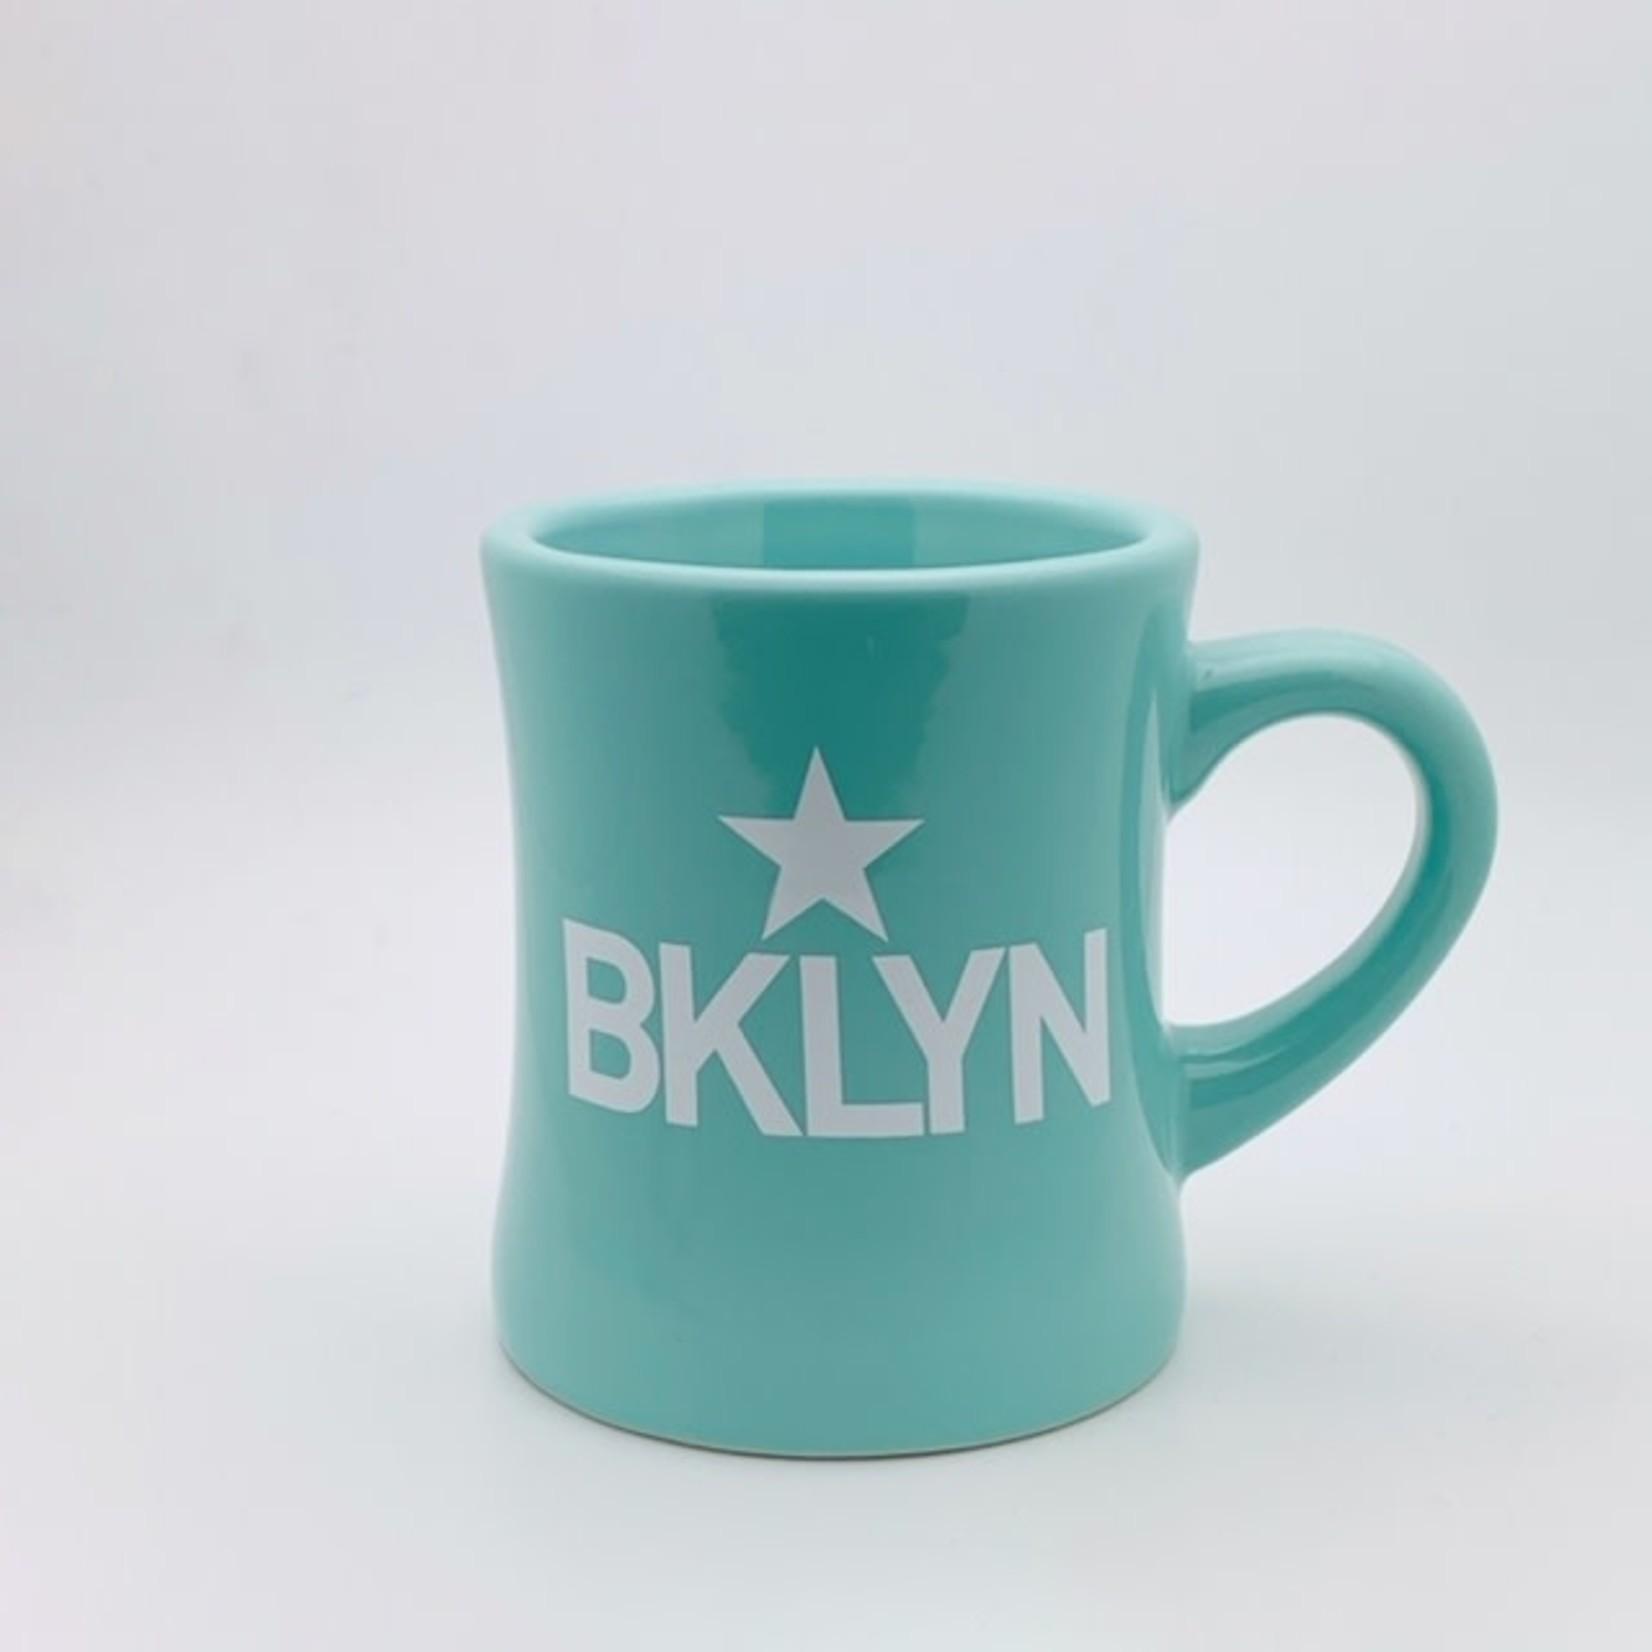 BKLYN Mug Mint